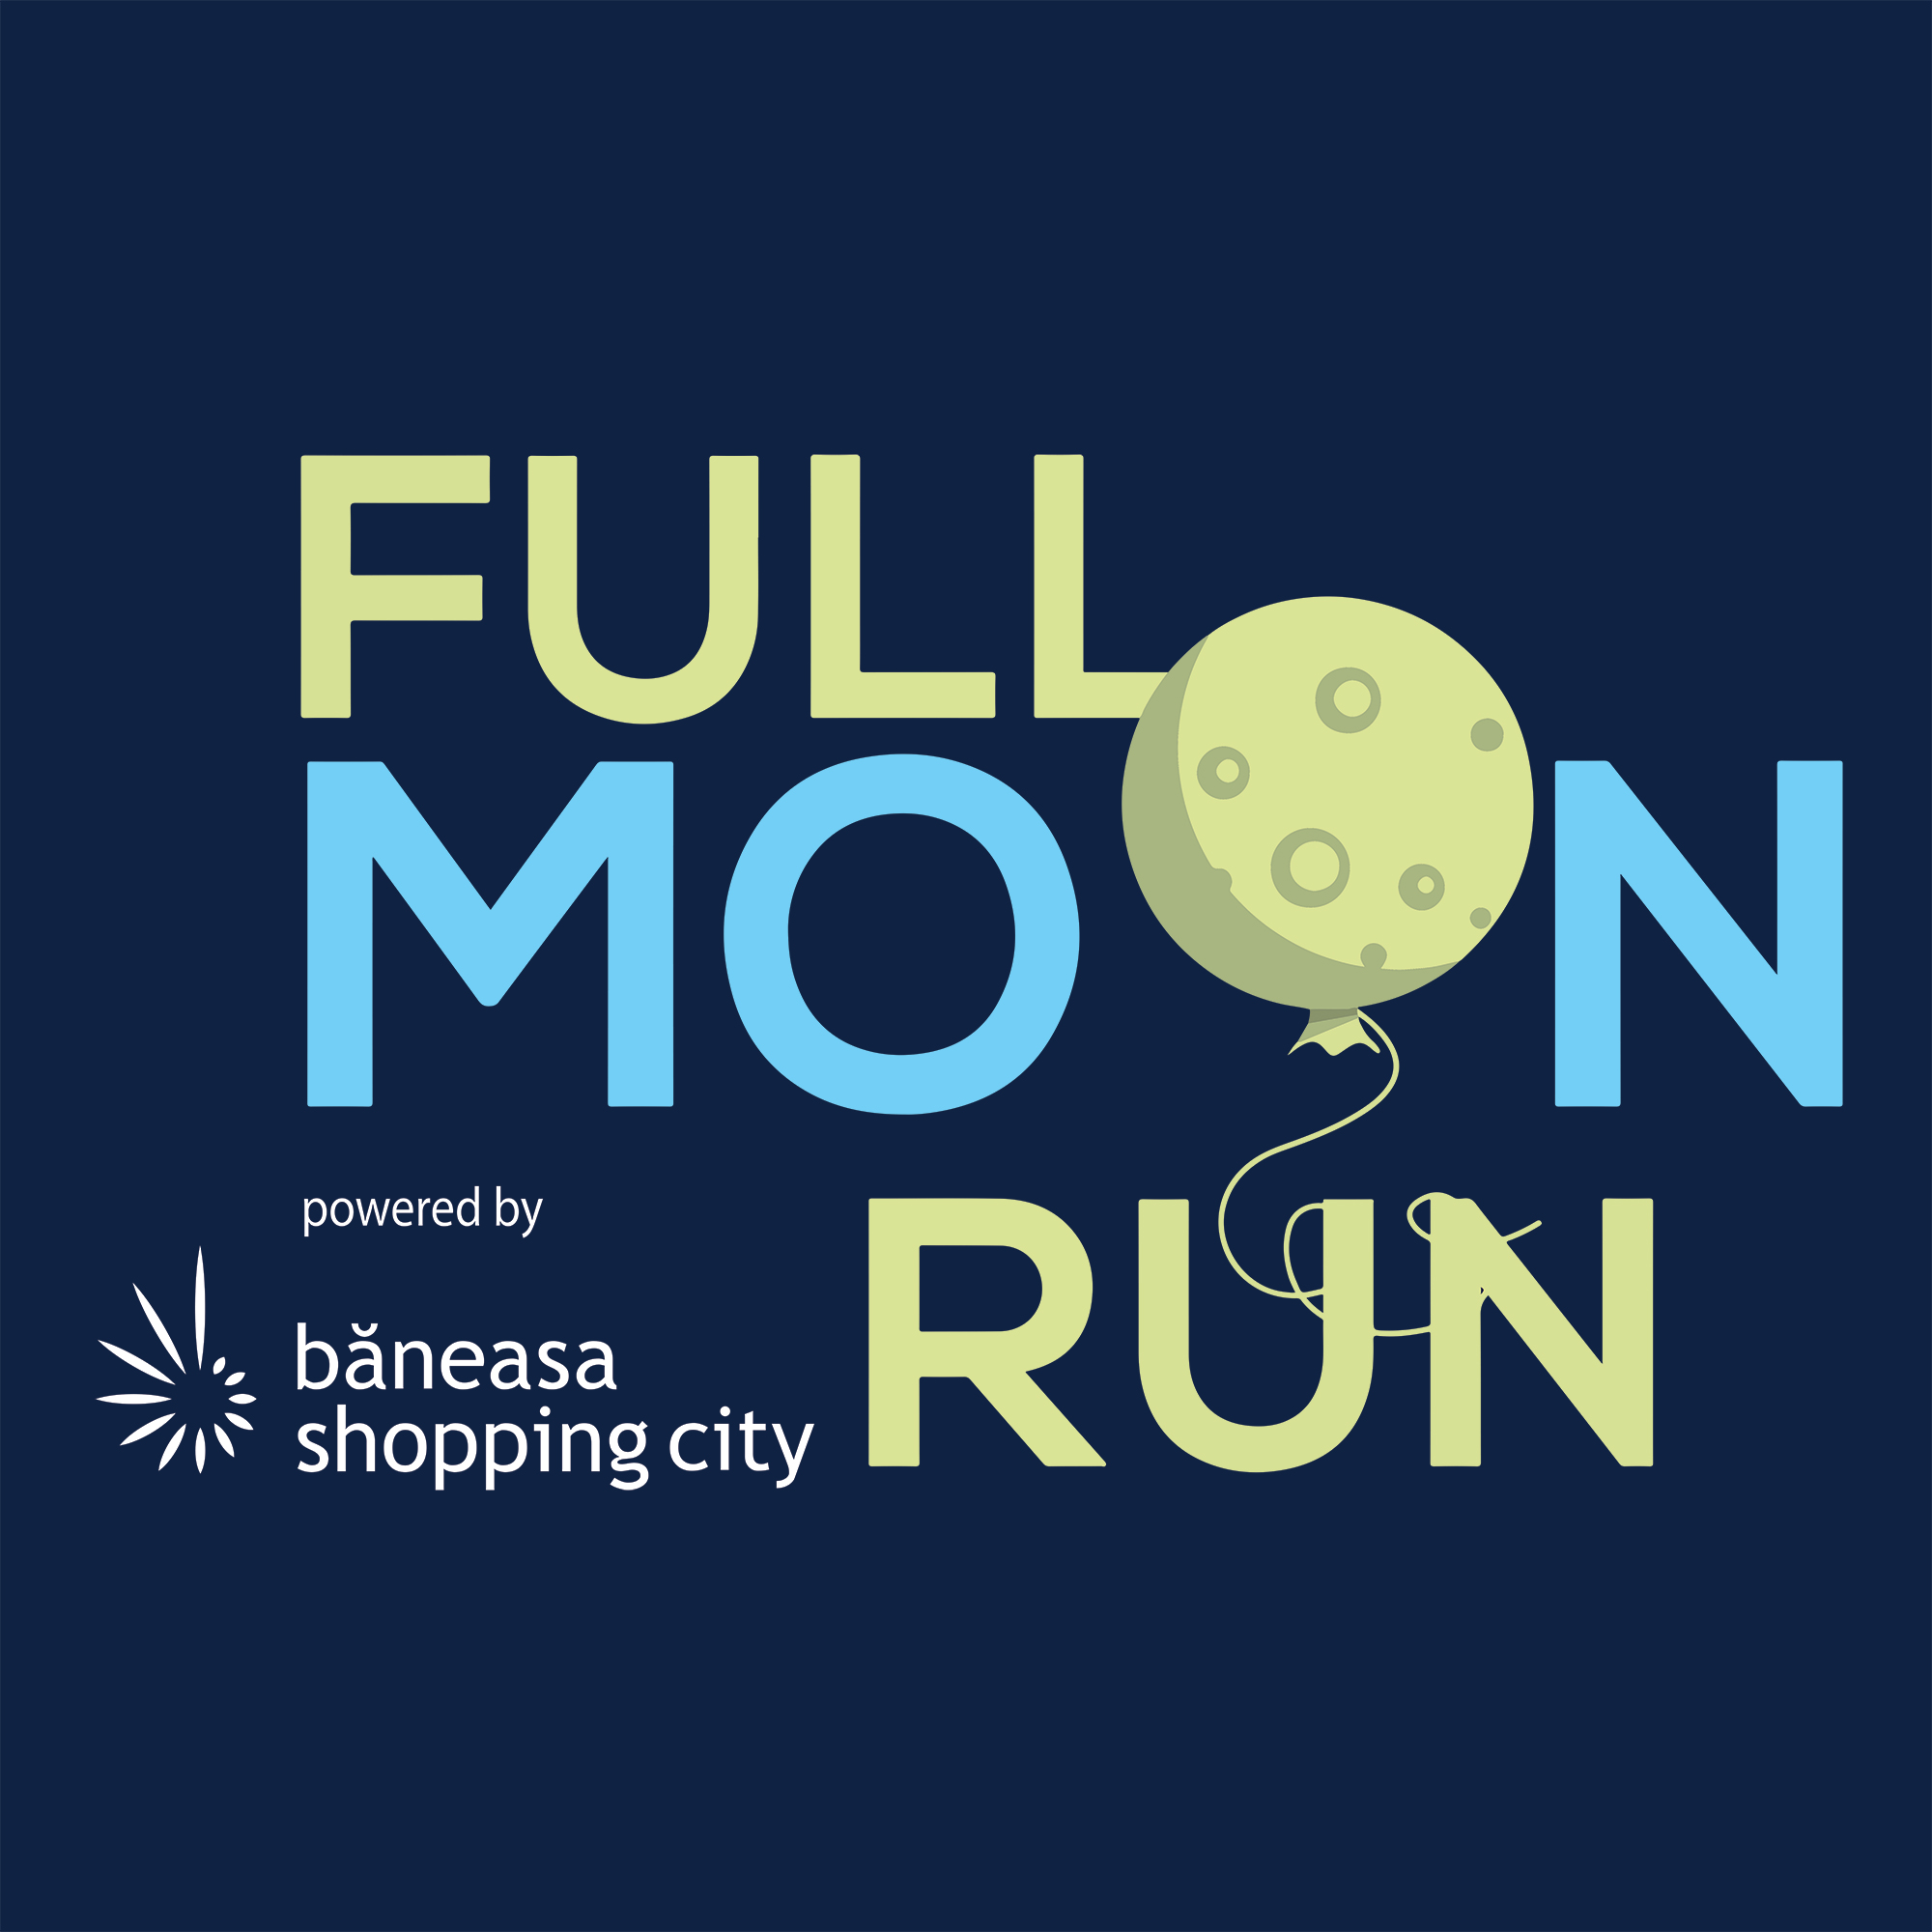 full-moon-run-bsc-profil-fb